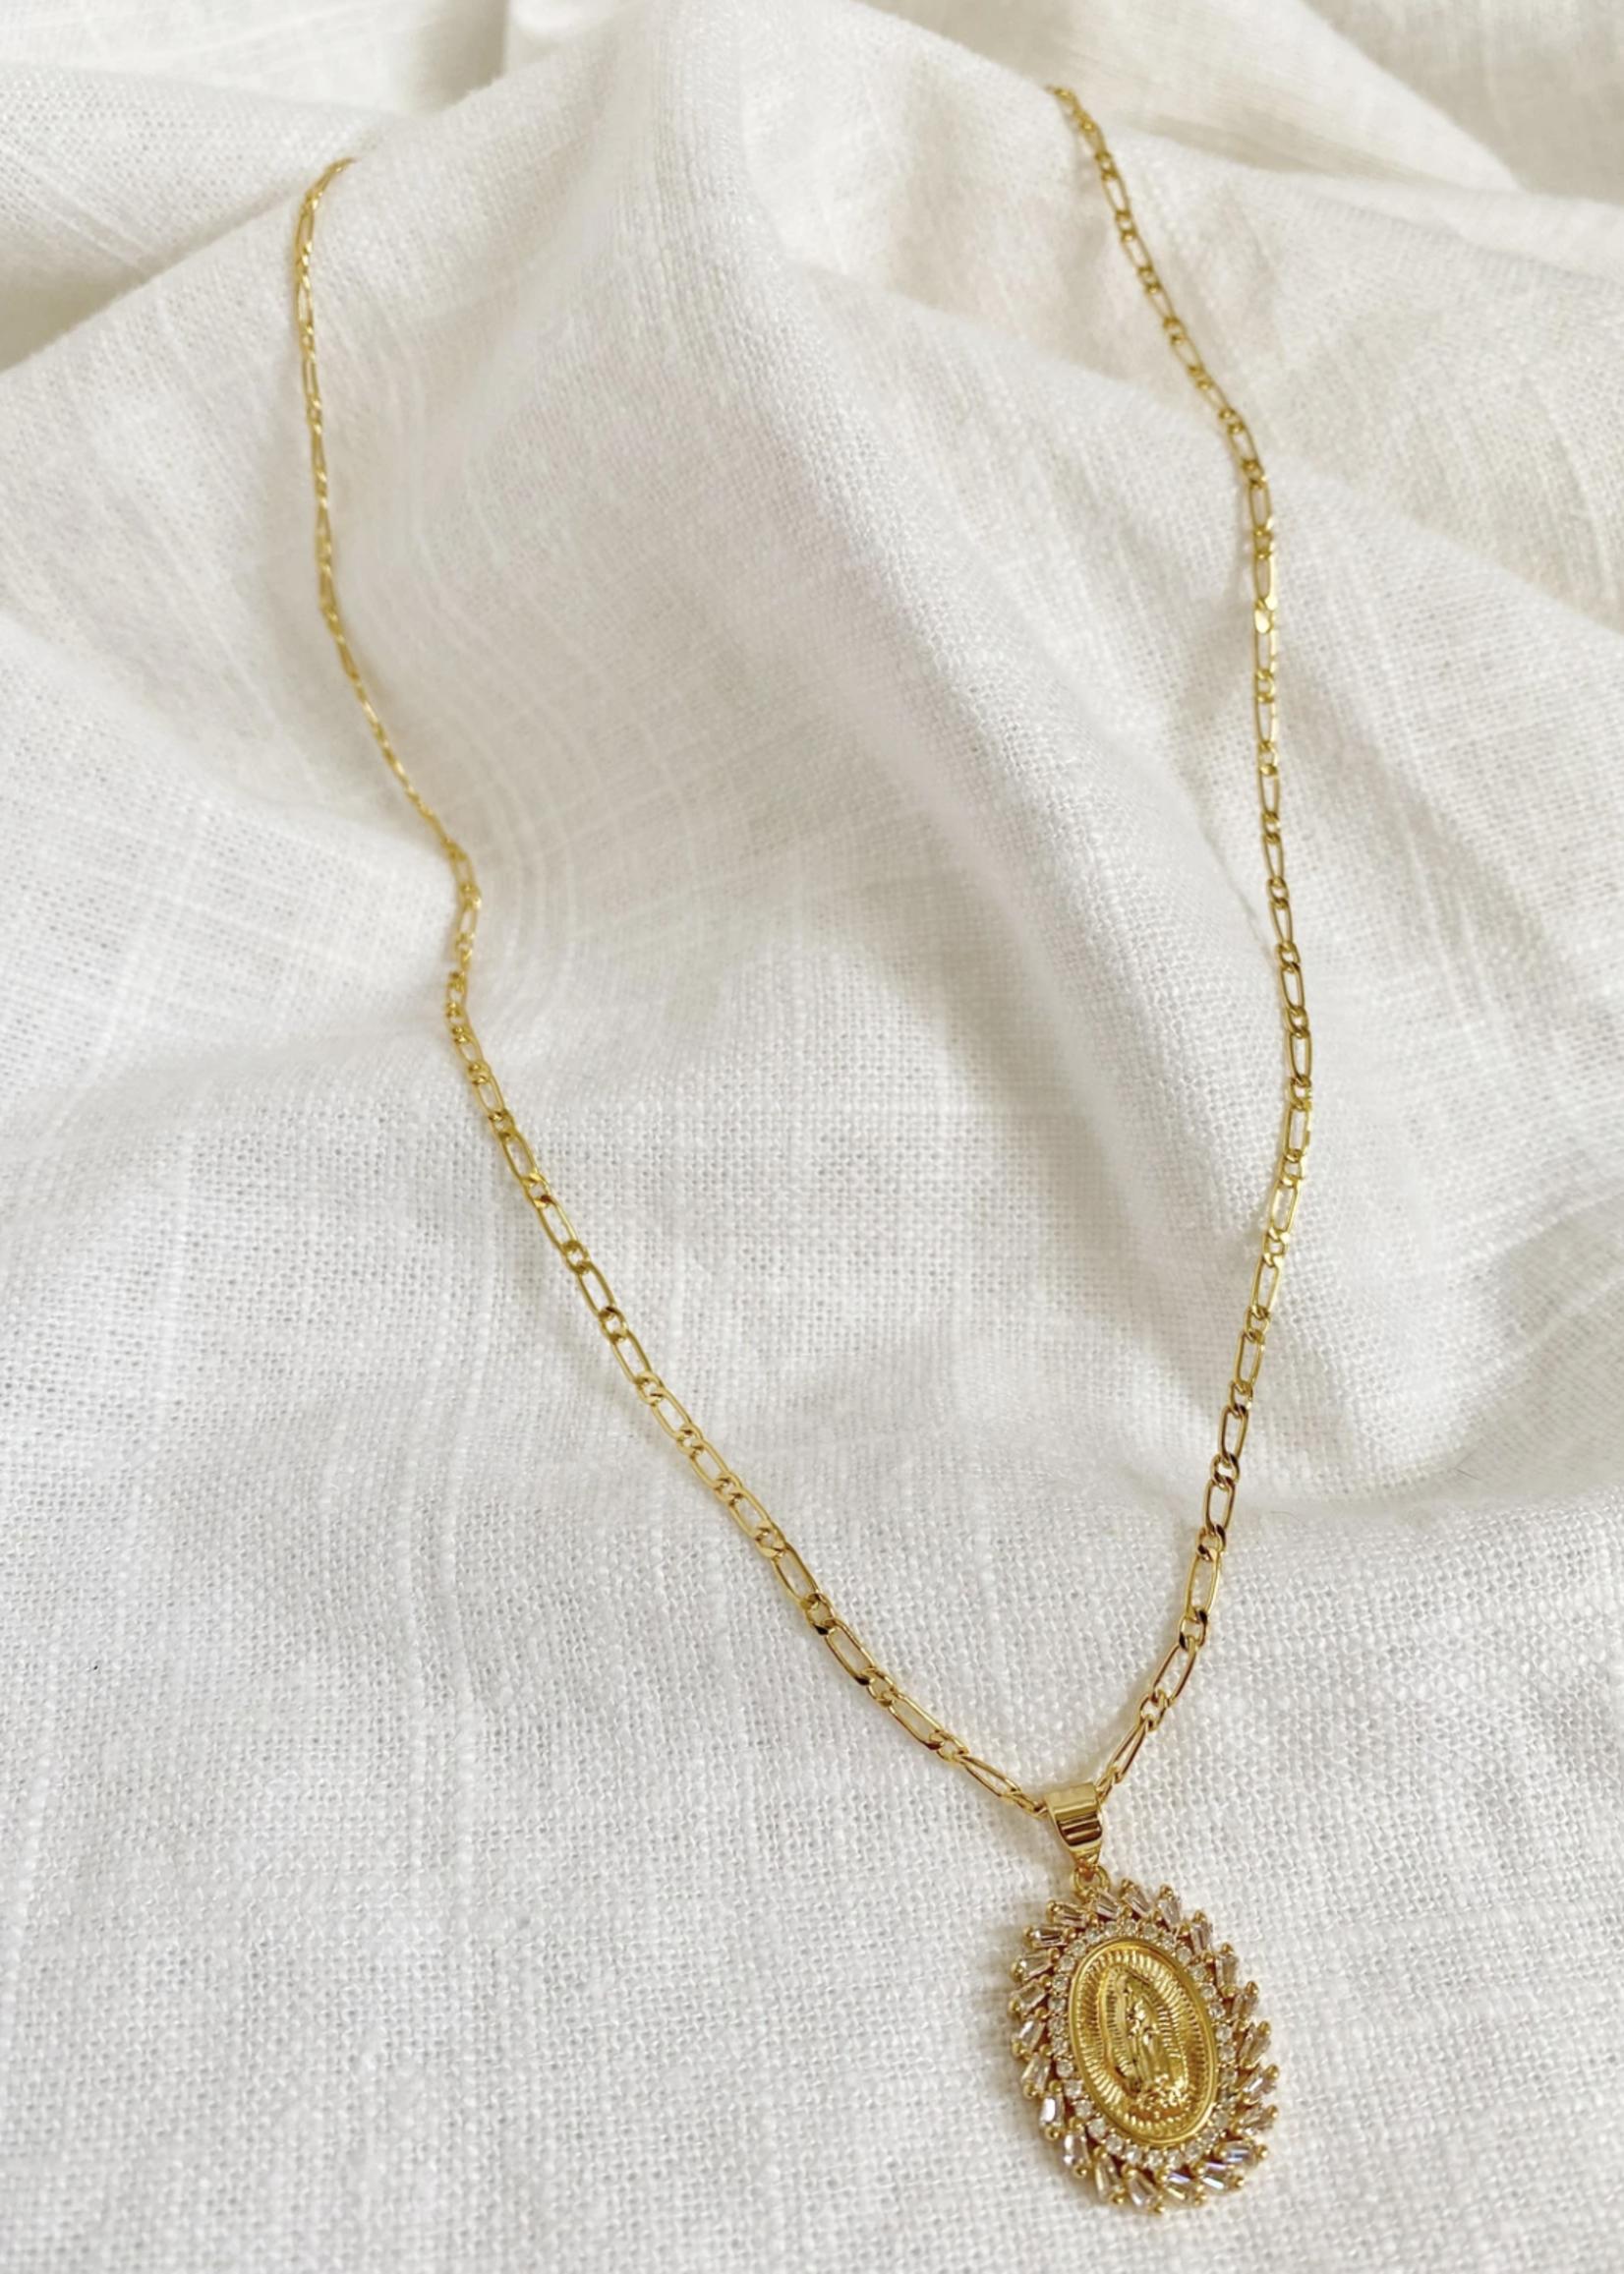 Bofemme Bofemme Golden Mary Necklace